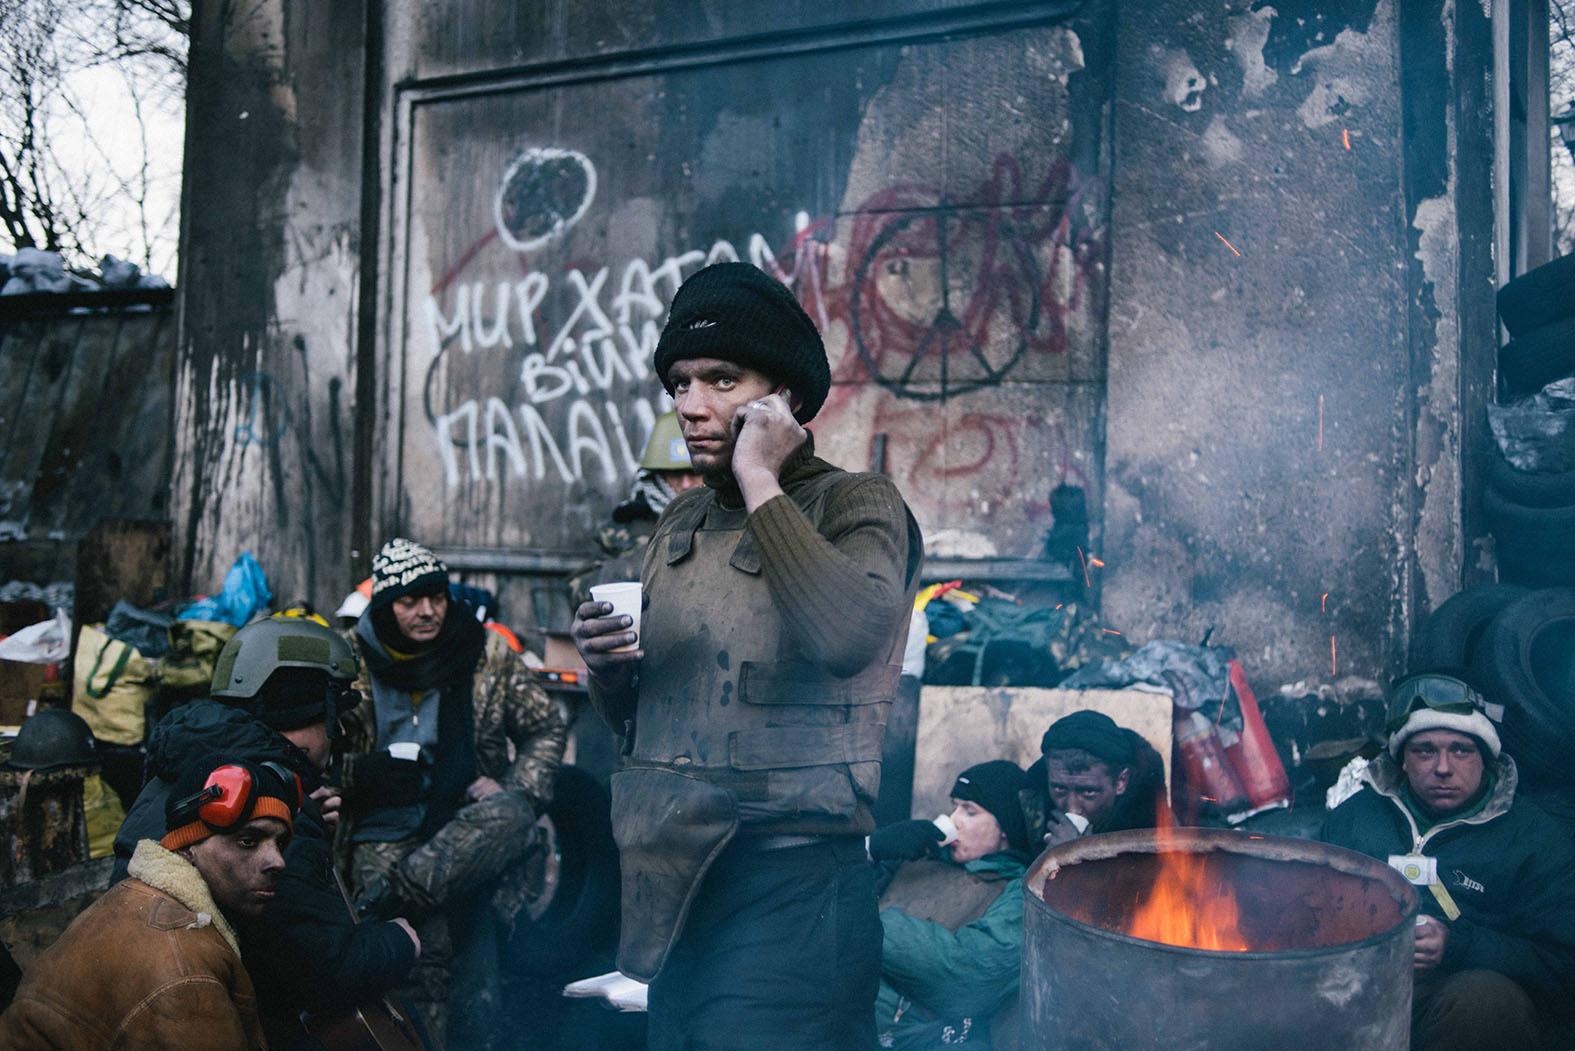 Шесть лет спустя: Люди в Донбассе ждут освобождения совсем с другой стороны